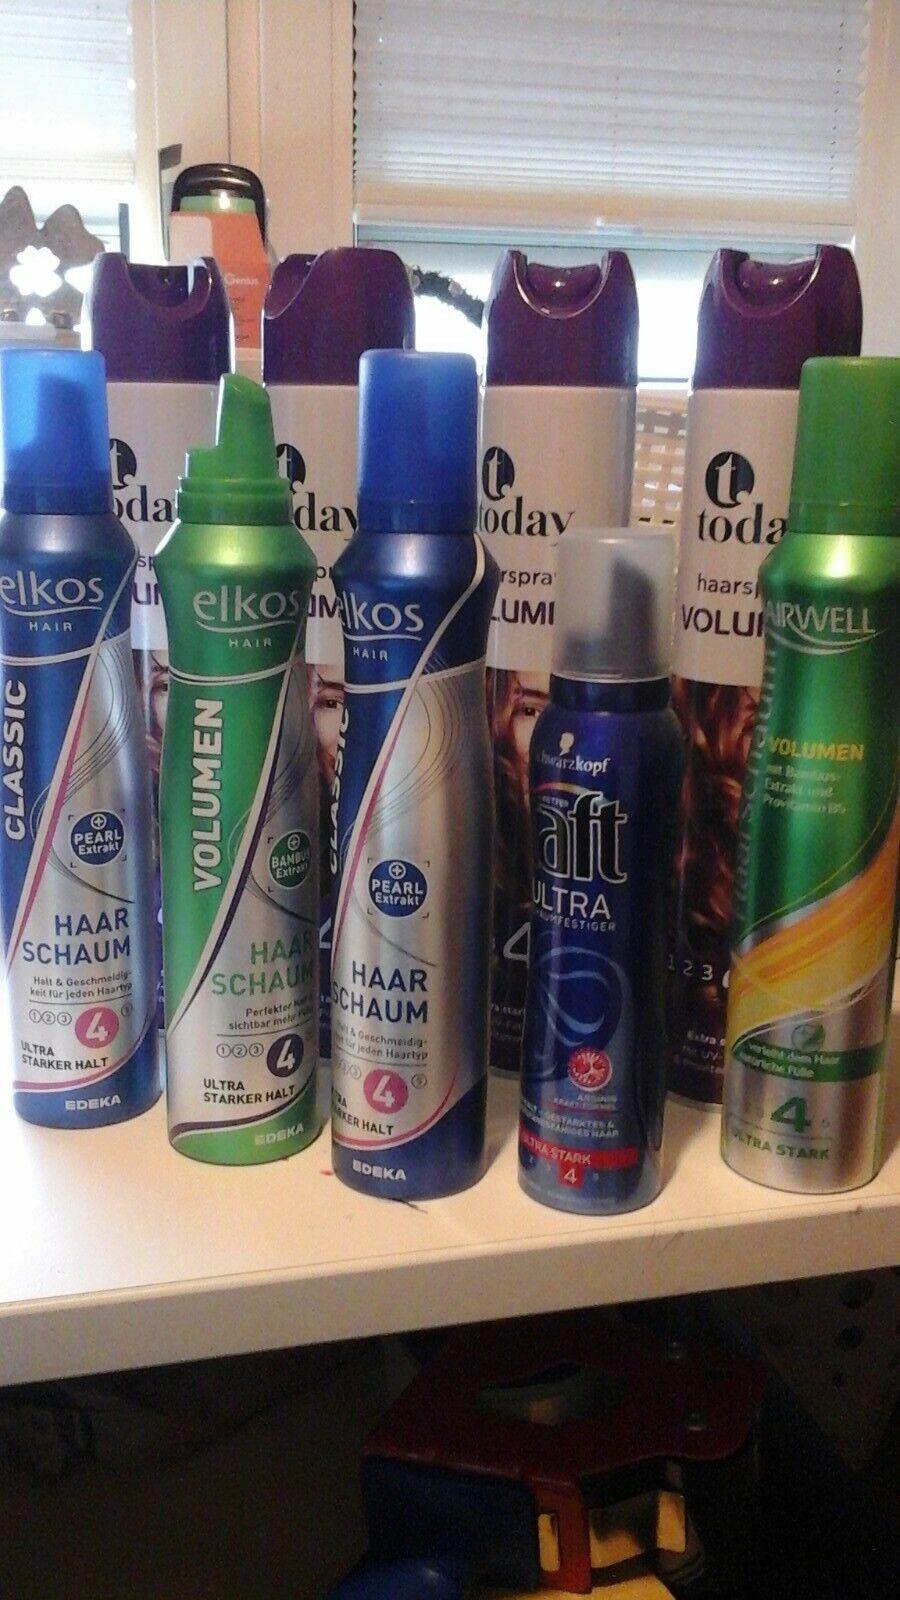 9 tlg. Paket Haarschaum + Haarspray, z. Teil Neu